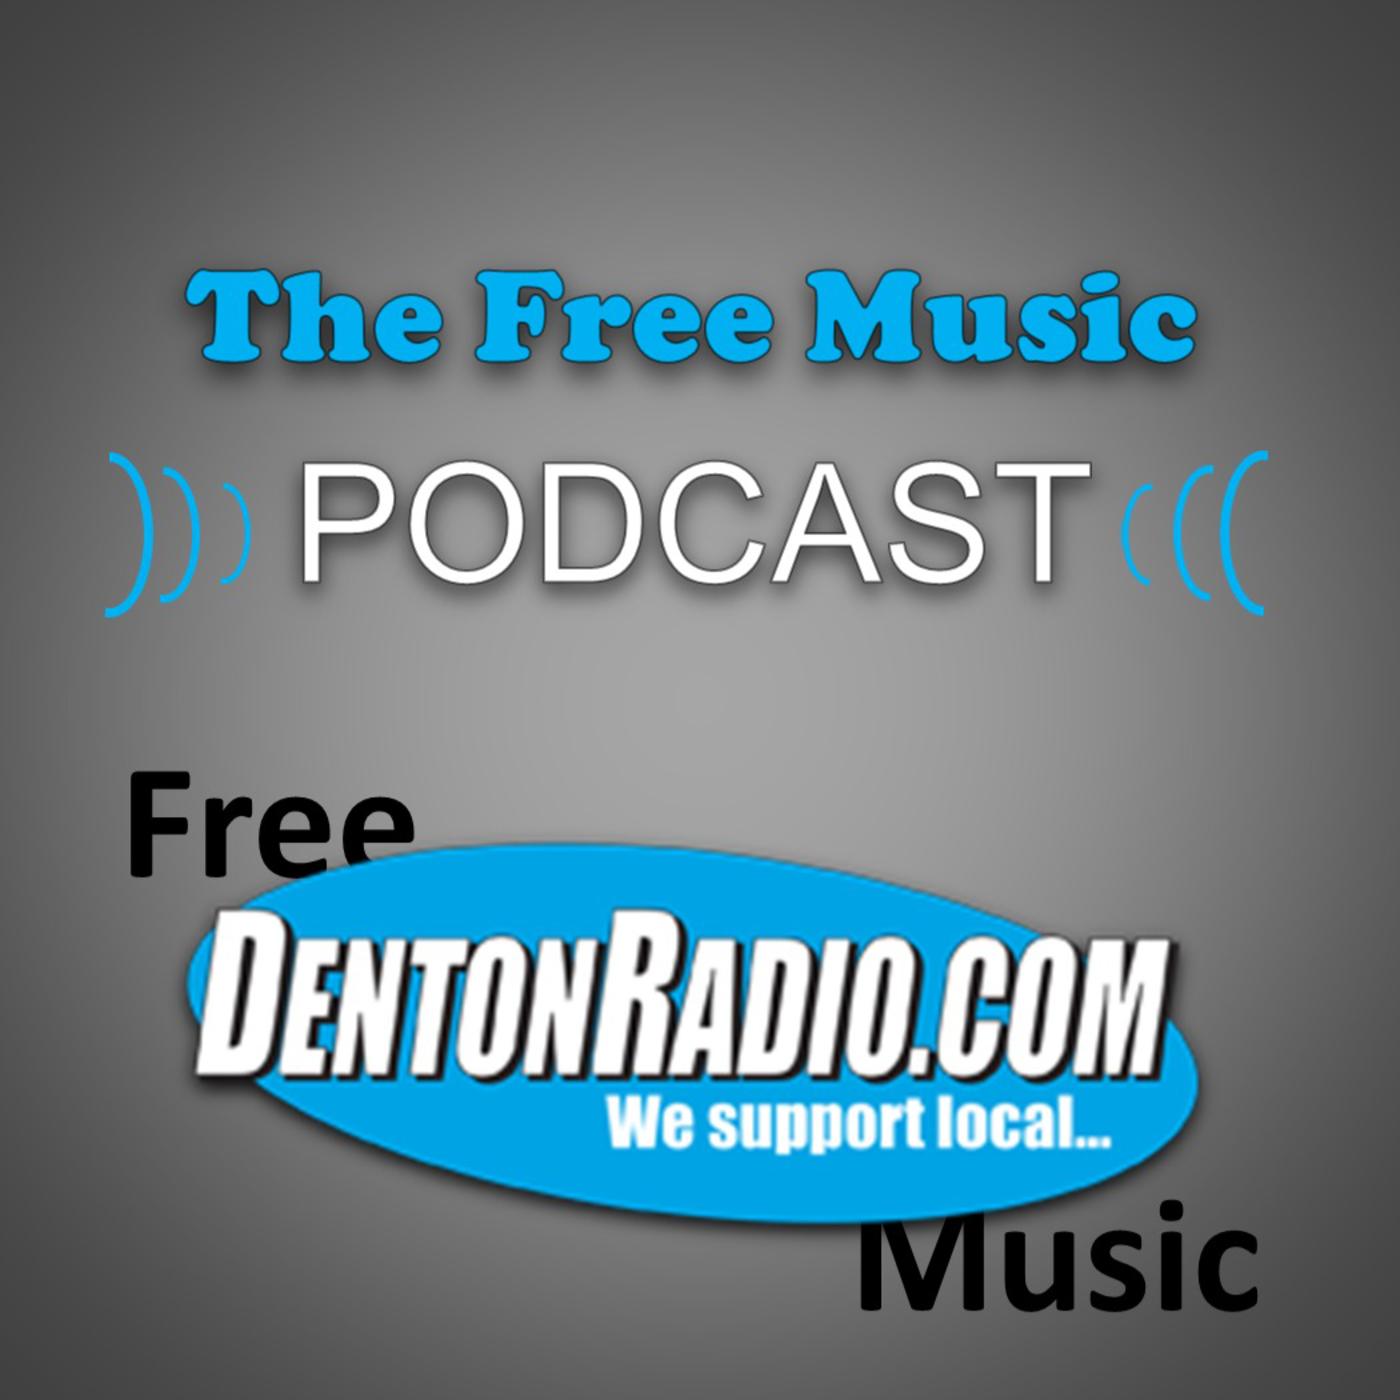 DentonRadio.com's Podcast